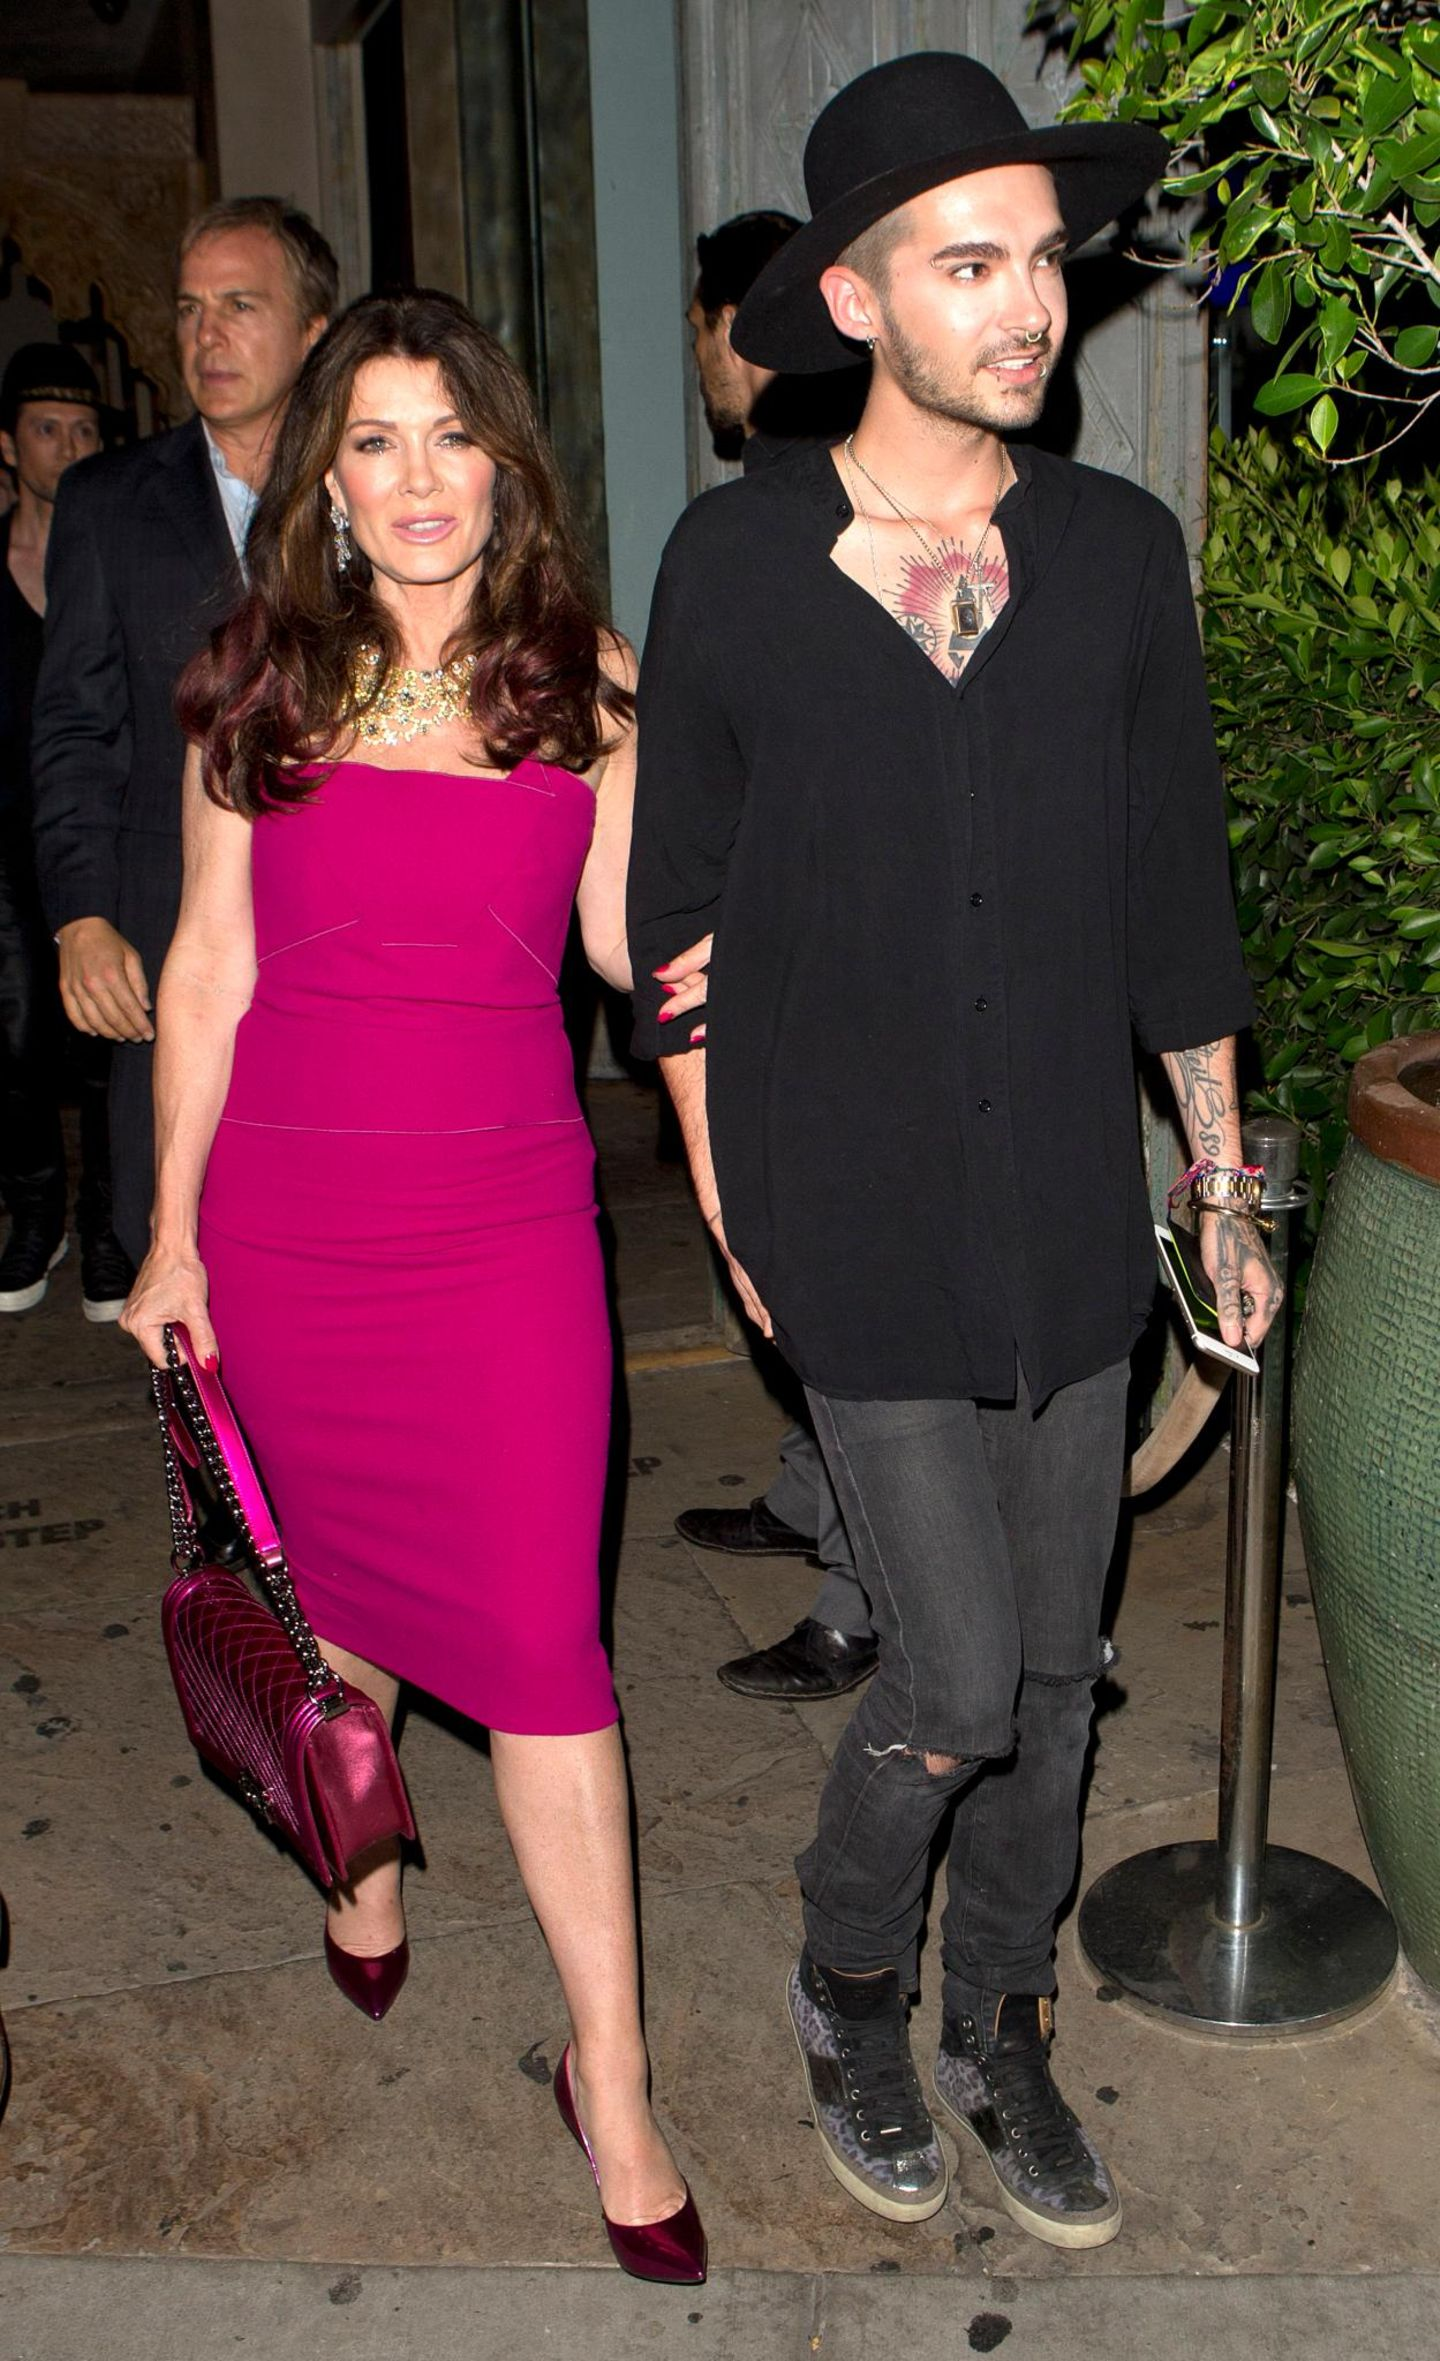 21. Juli 2015: Bill Kaulitz ist Arm in Arm mit TV-Sternchen Lisa Vanderpump in West Hollywood unterwegs.